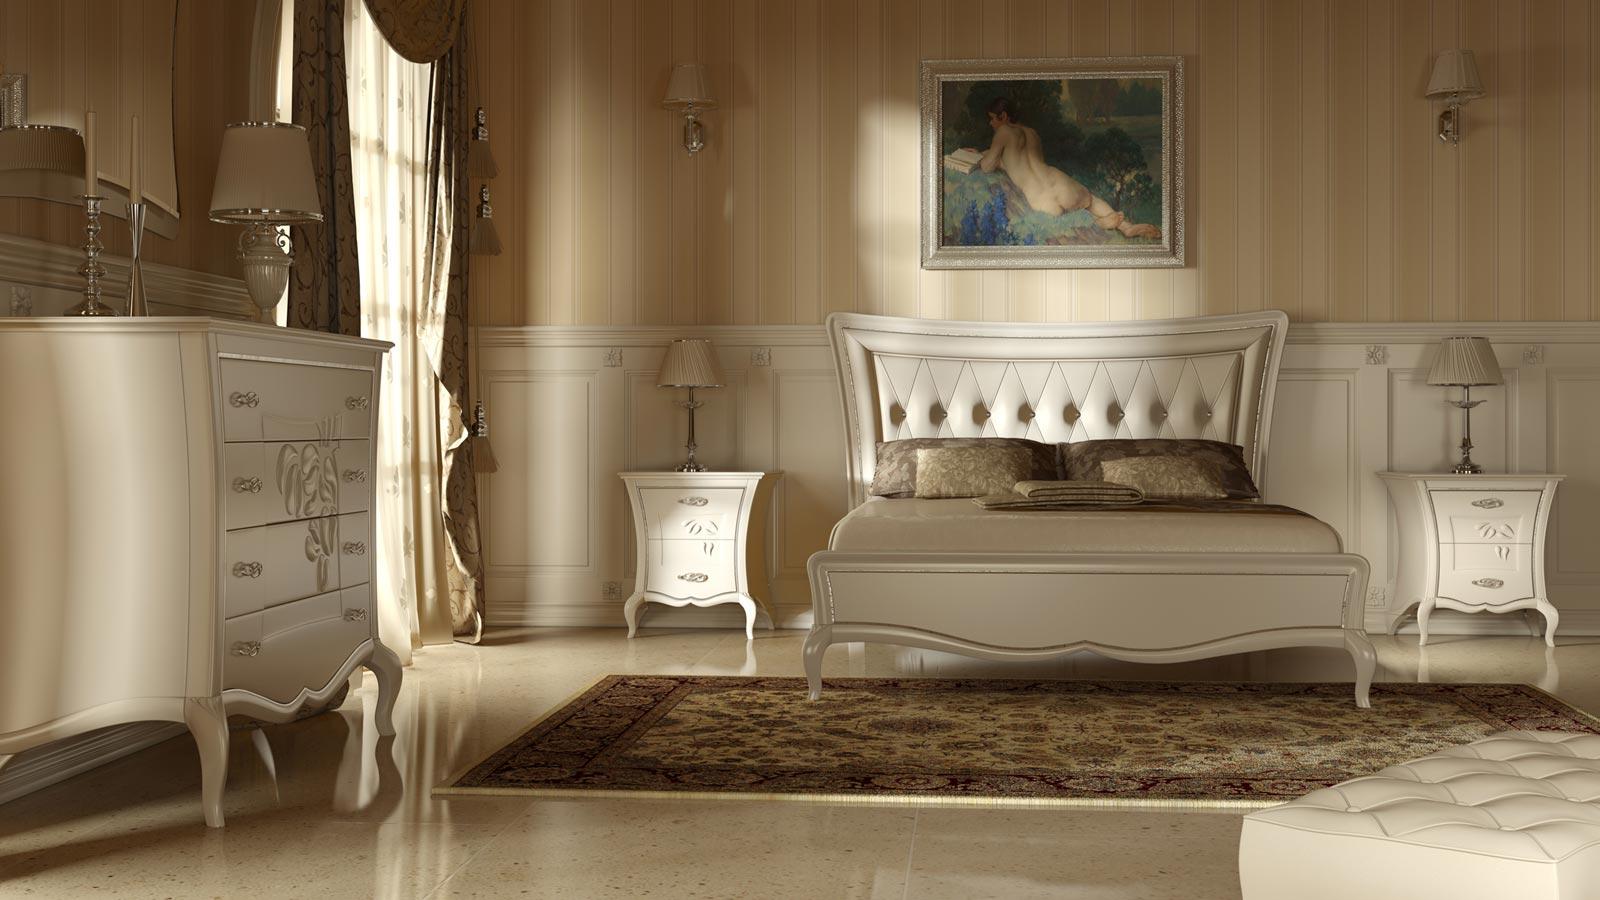 Stanza da letto classica - Tende per stanza da letto ...